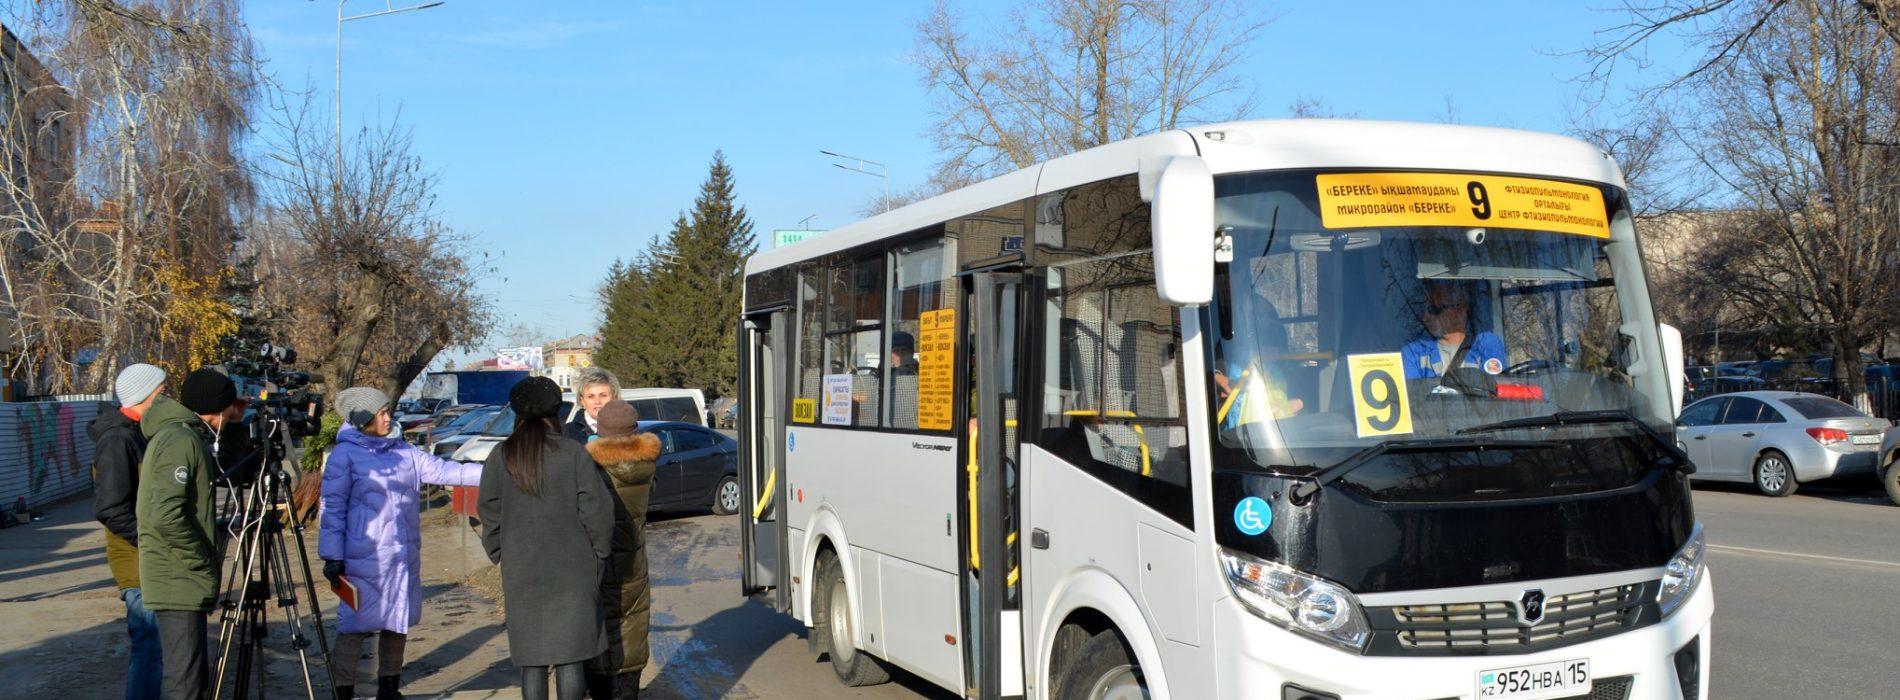 Акция «Добропорядочный водитель/добропорядочный пассажир» стартовала в Петропавловске